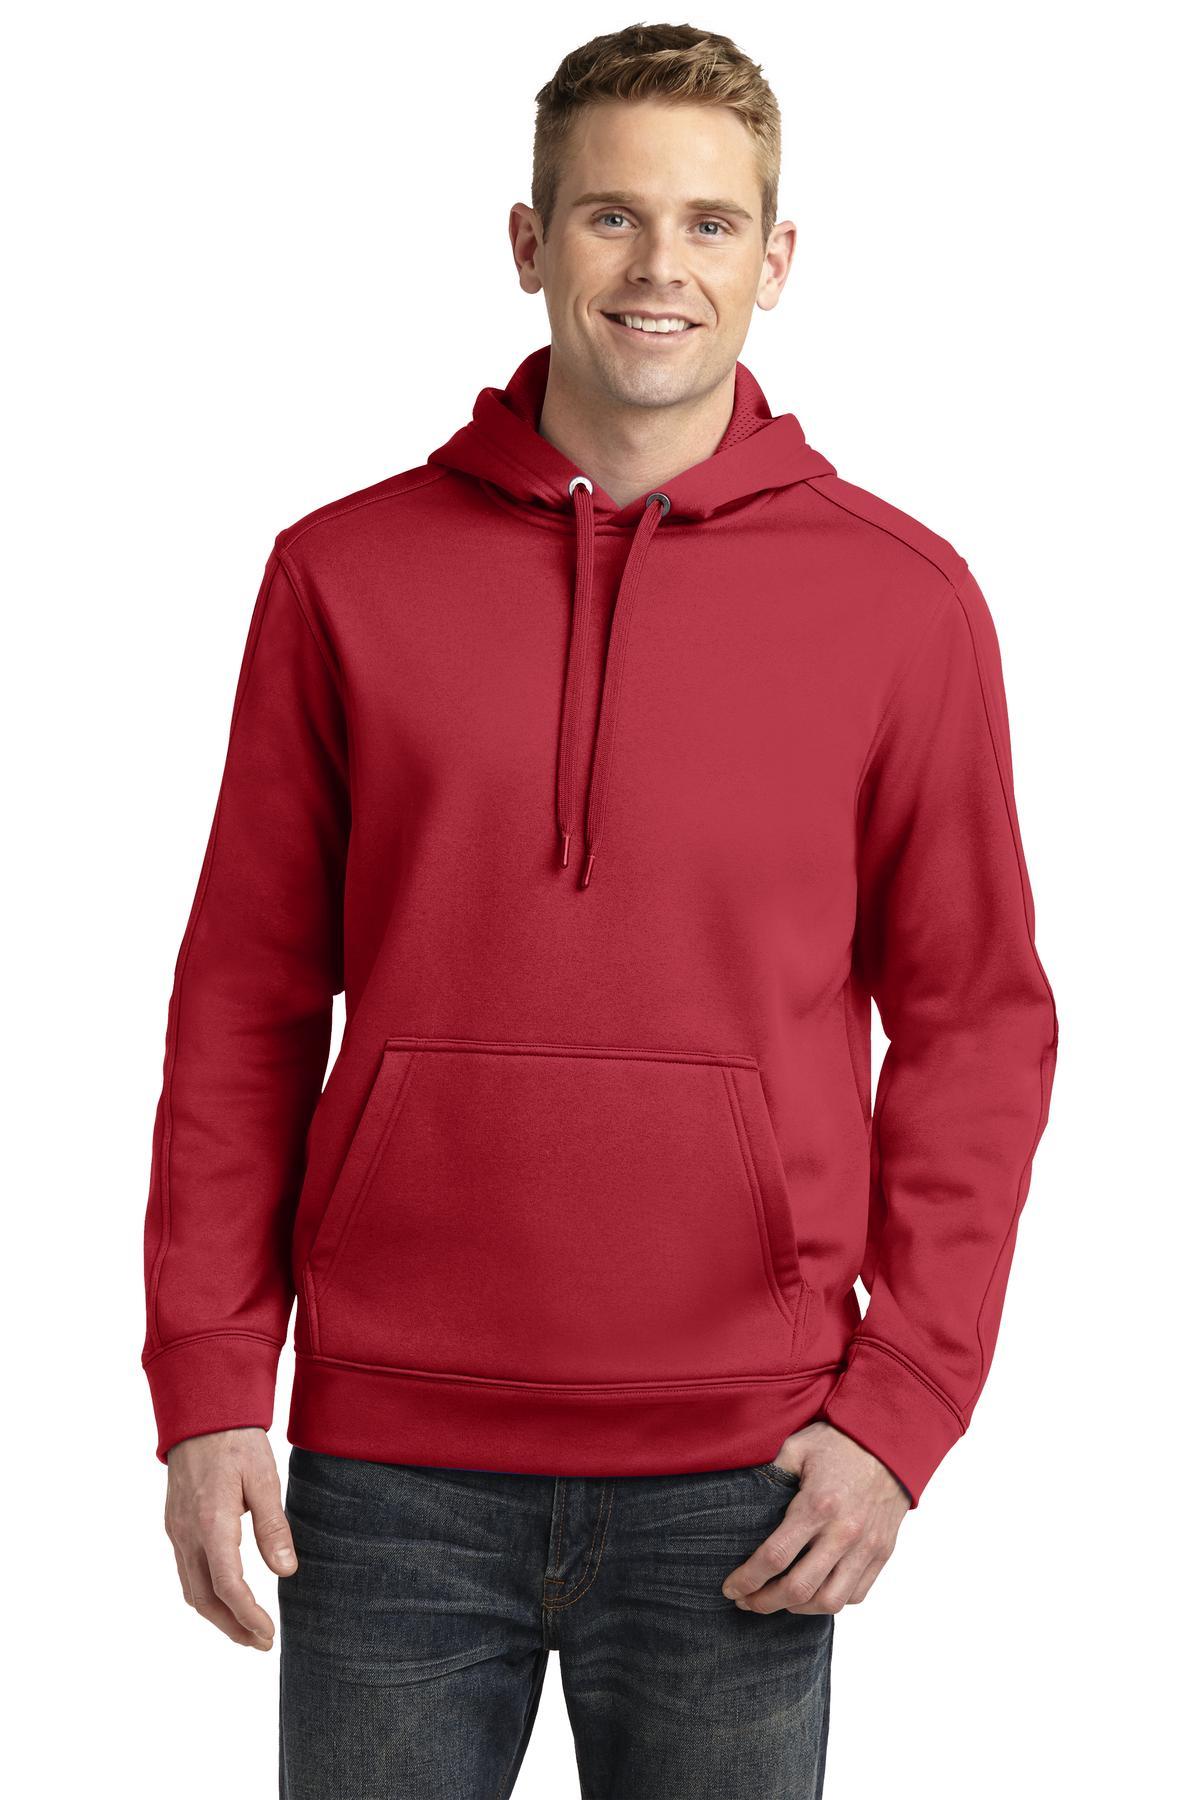 Sweatshirts-Fleece-Hooded-66